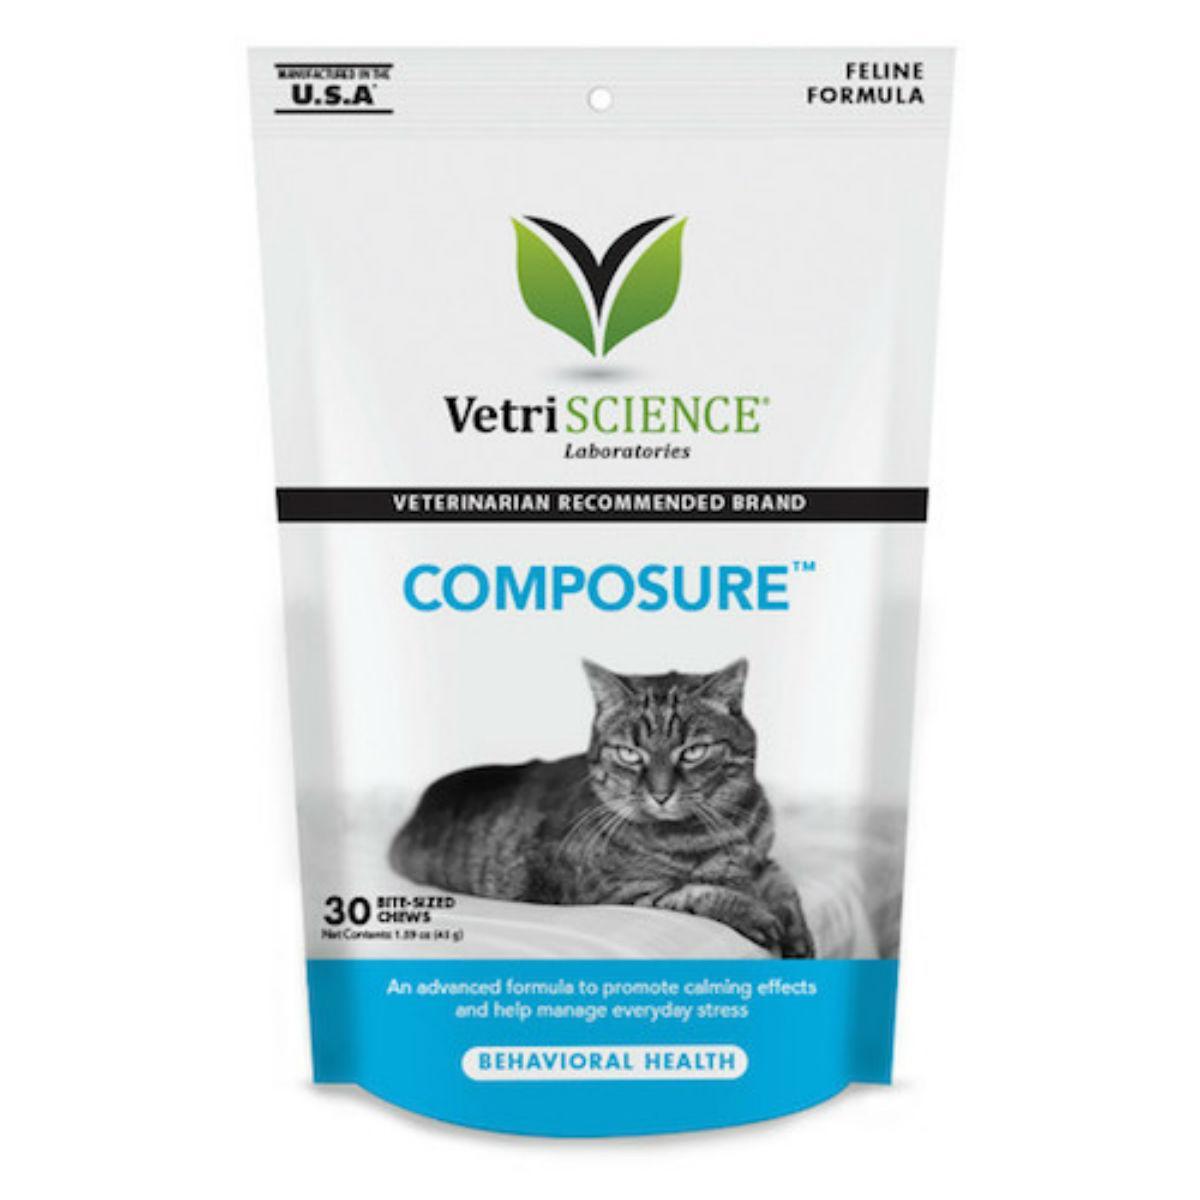 VetriScience Composure Cat Chews